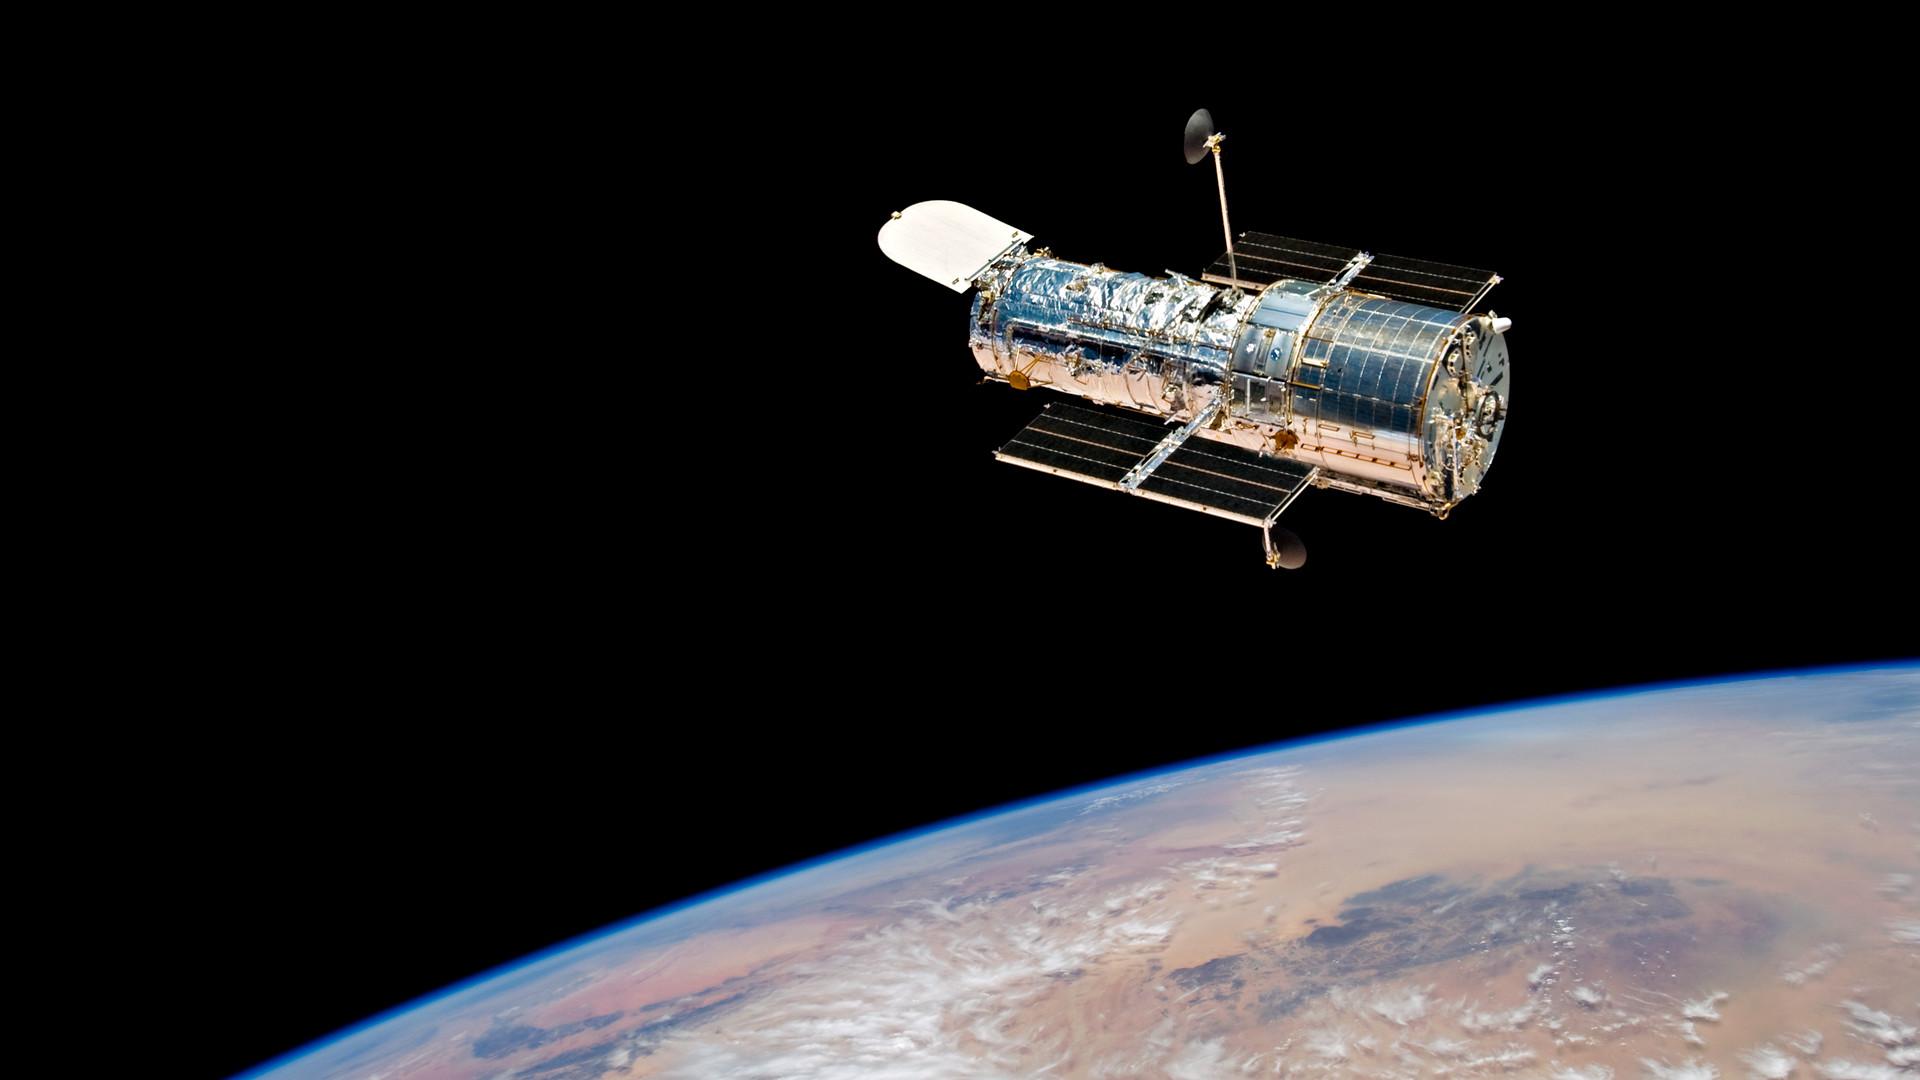 Hubble Wallpaper 1920x1080 (68+ images)